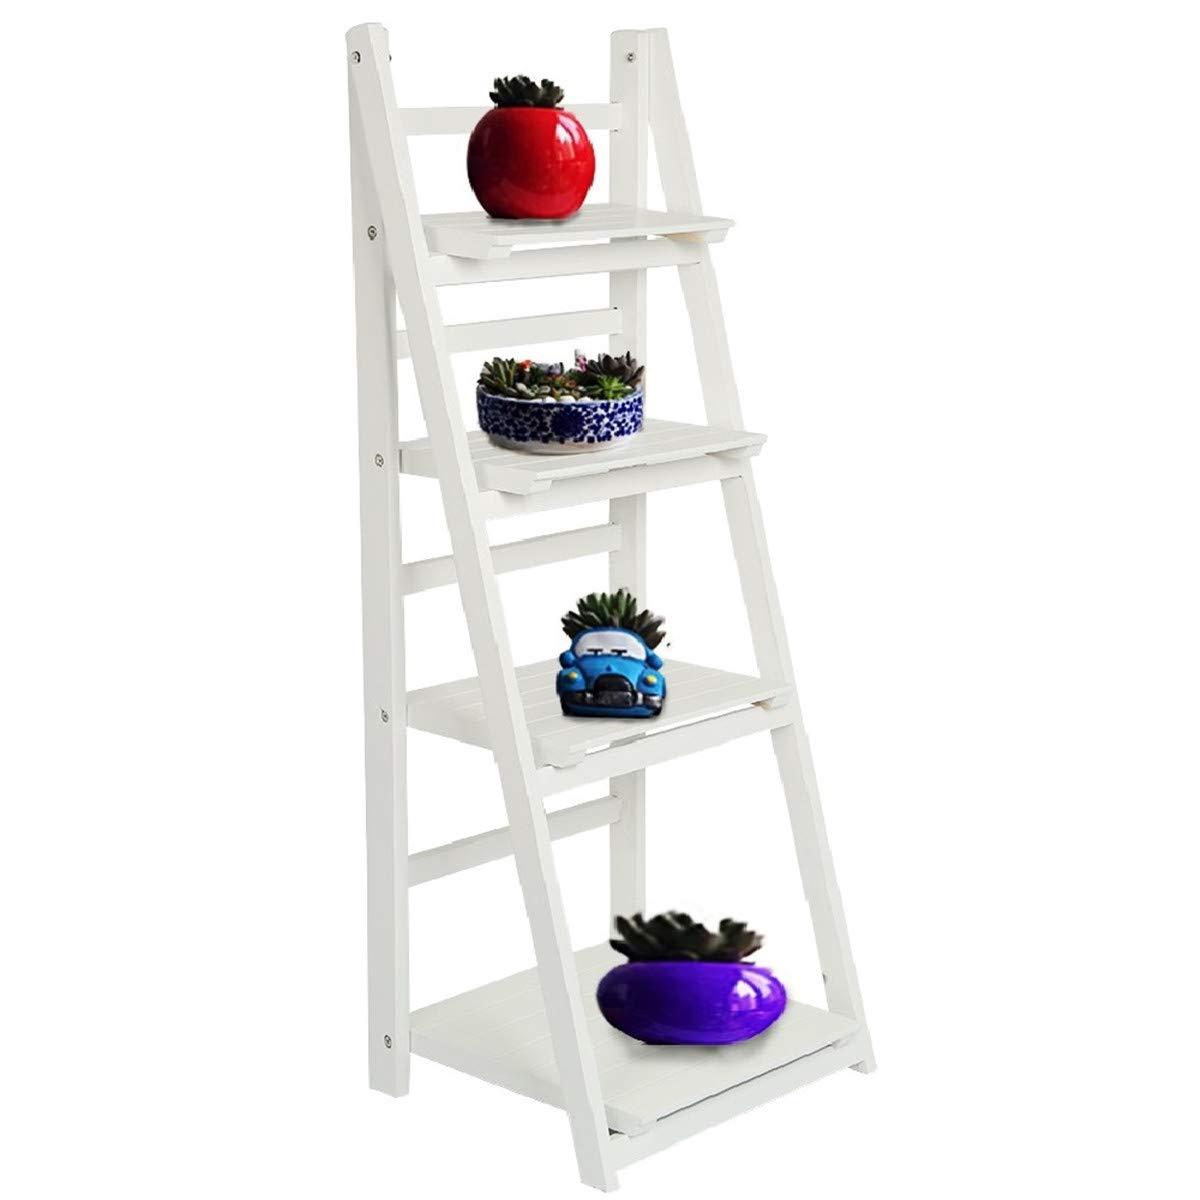 AllRight - Estantería de madera para libros tipo escalera de 3/4 niveles, estantería de almacenamiento para decoración del hogar, estantería de pie, madera, Blanco, 4 Tiers: Amazon.es: Hogar